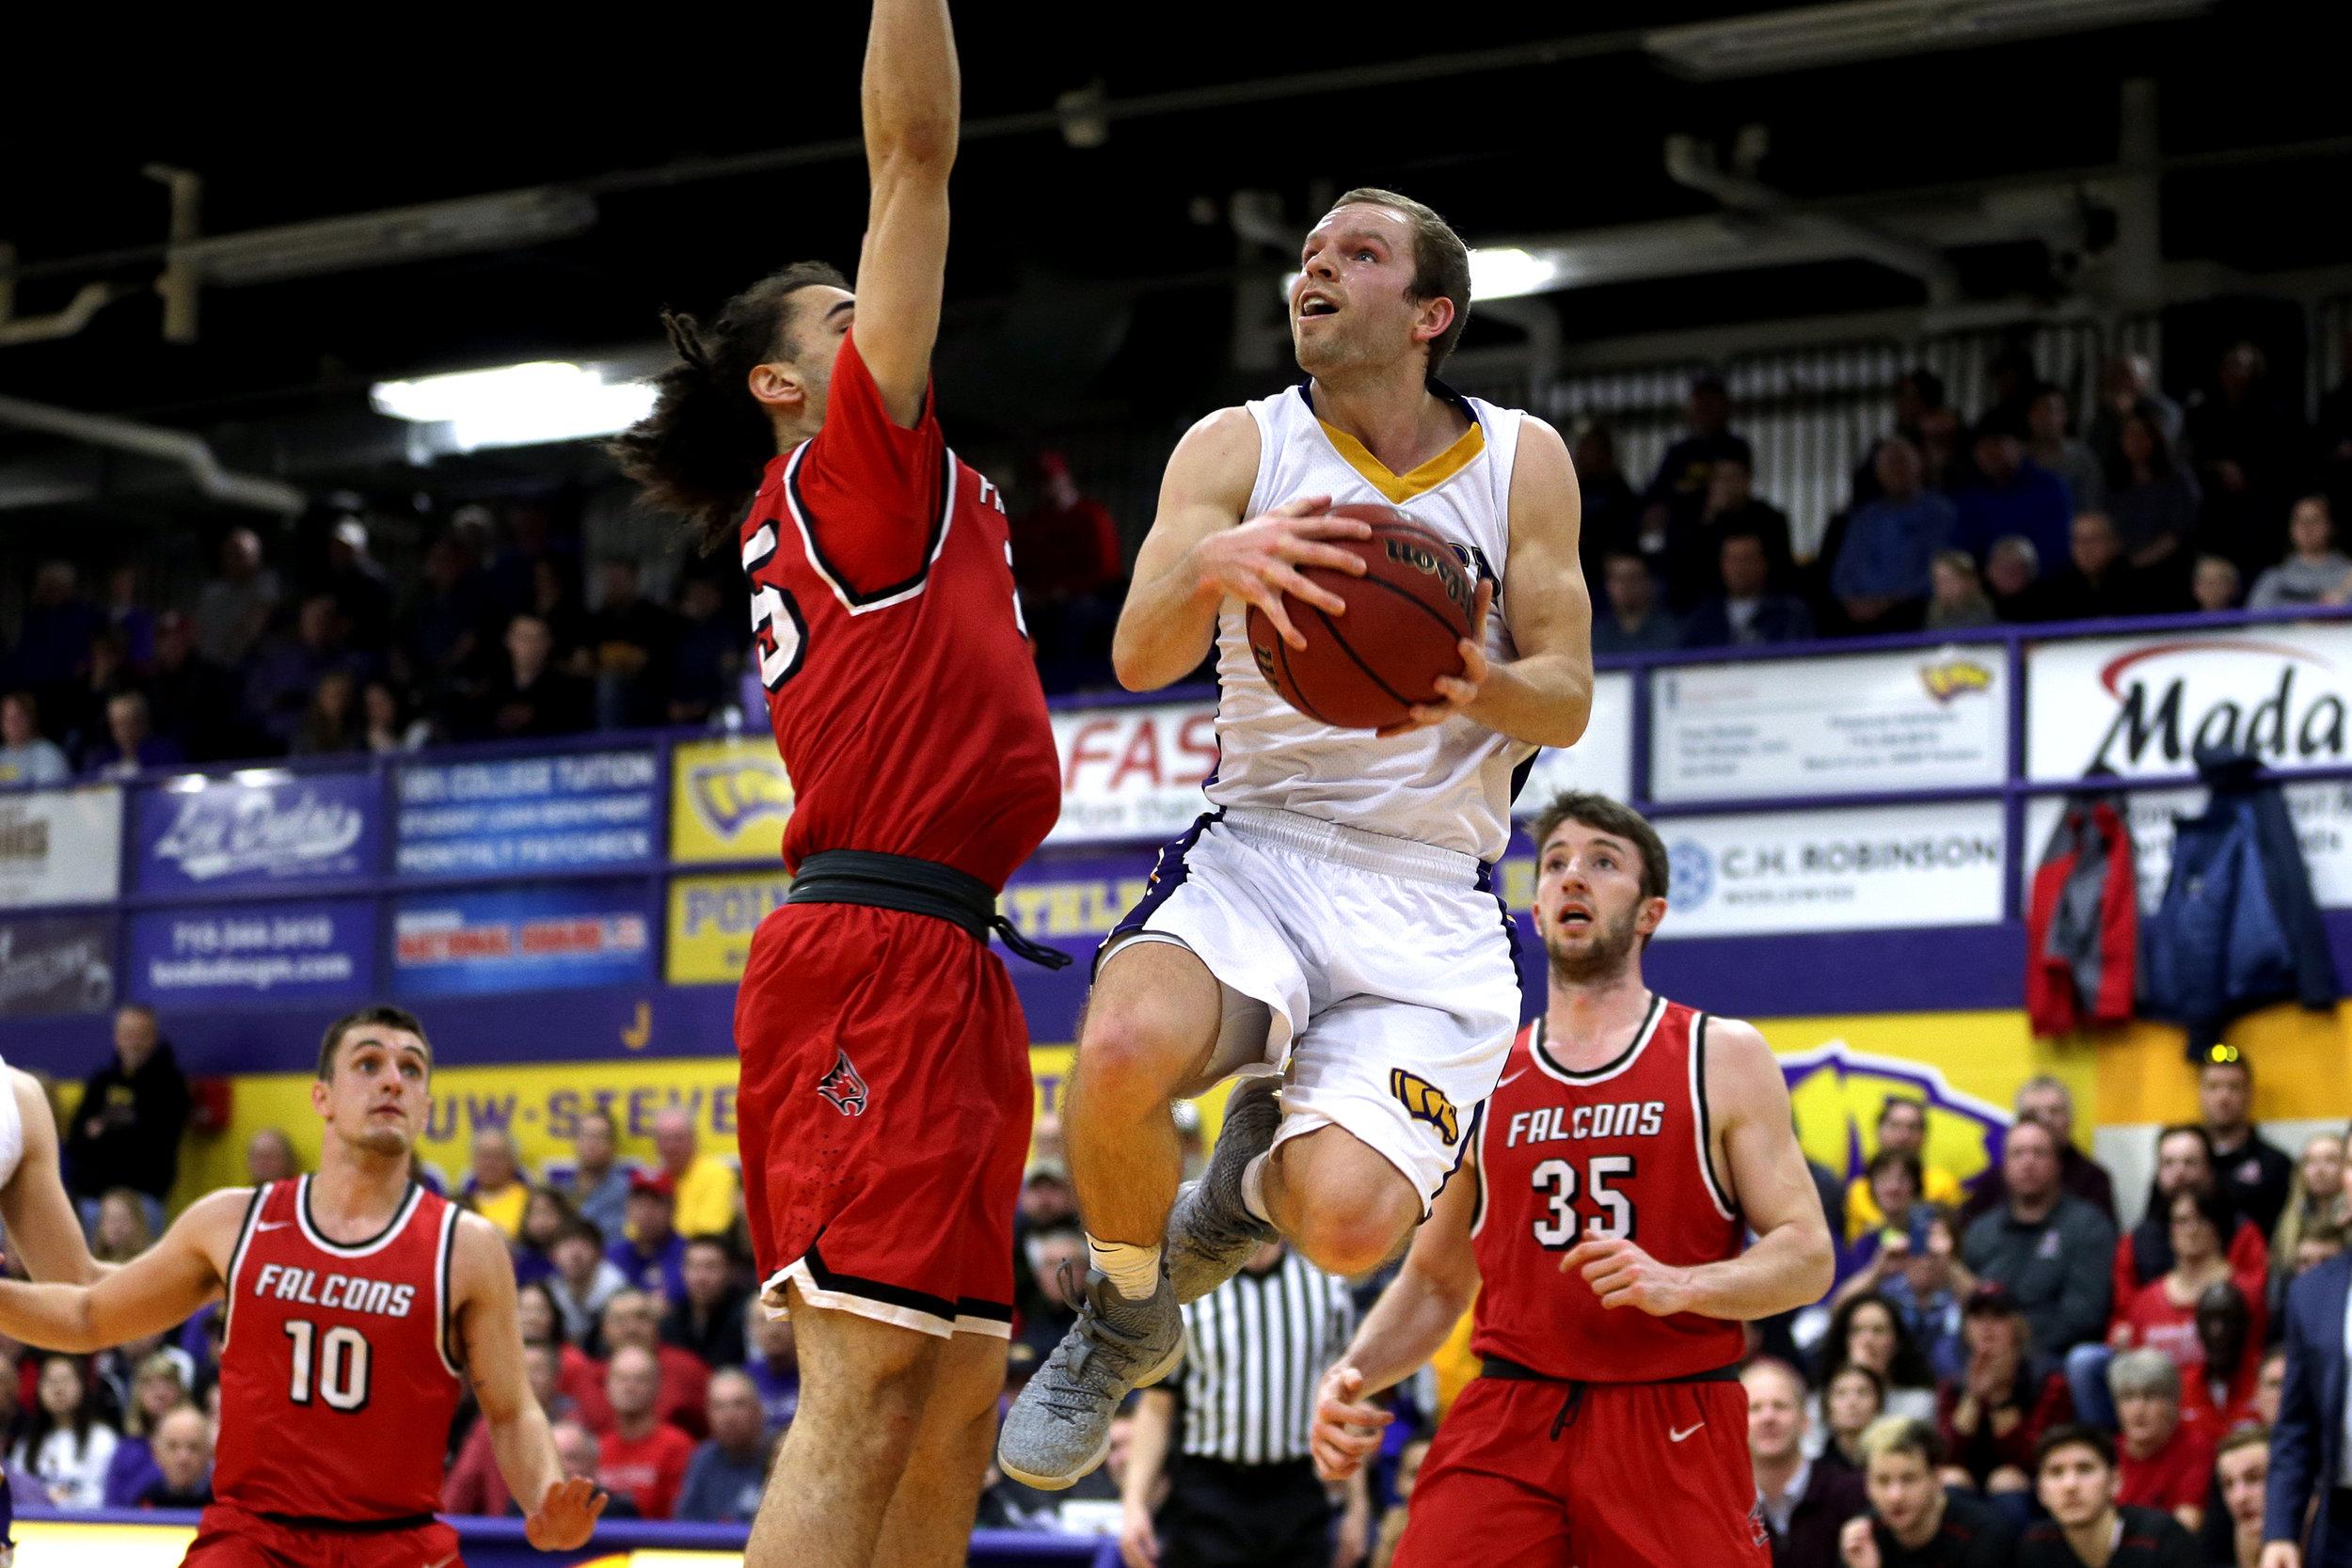 022518 UWSP Basketball 246A.jpg